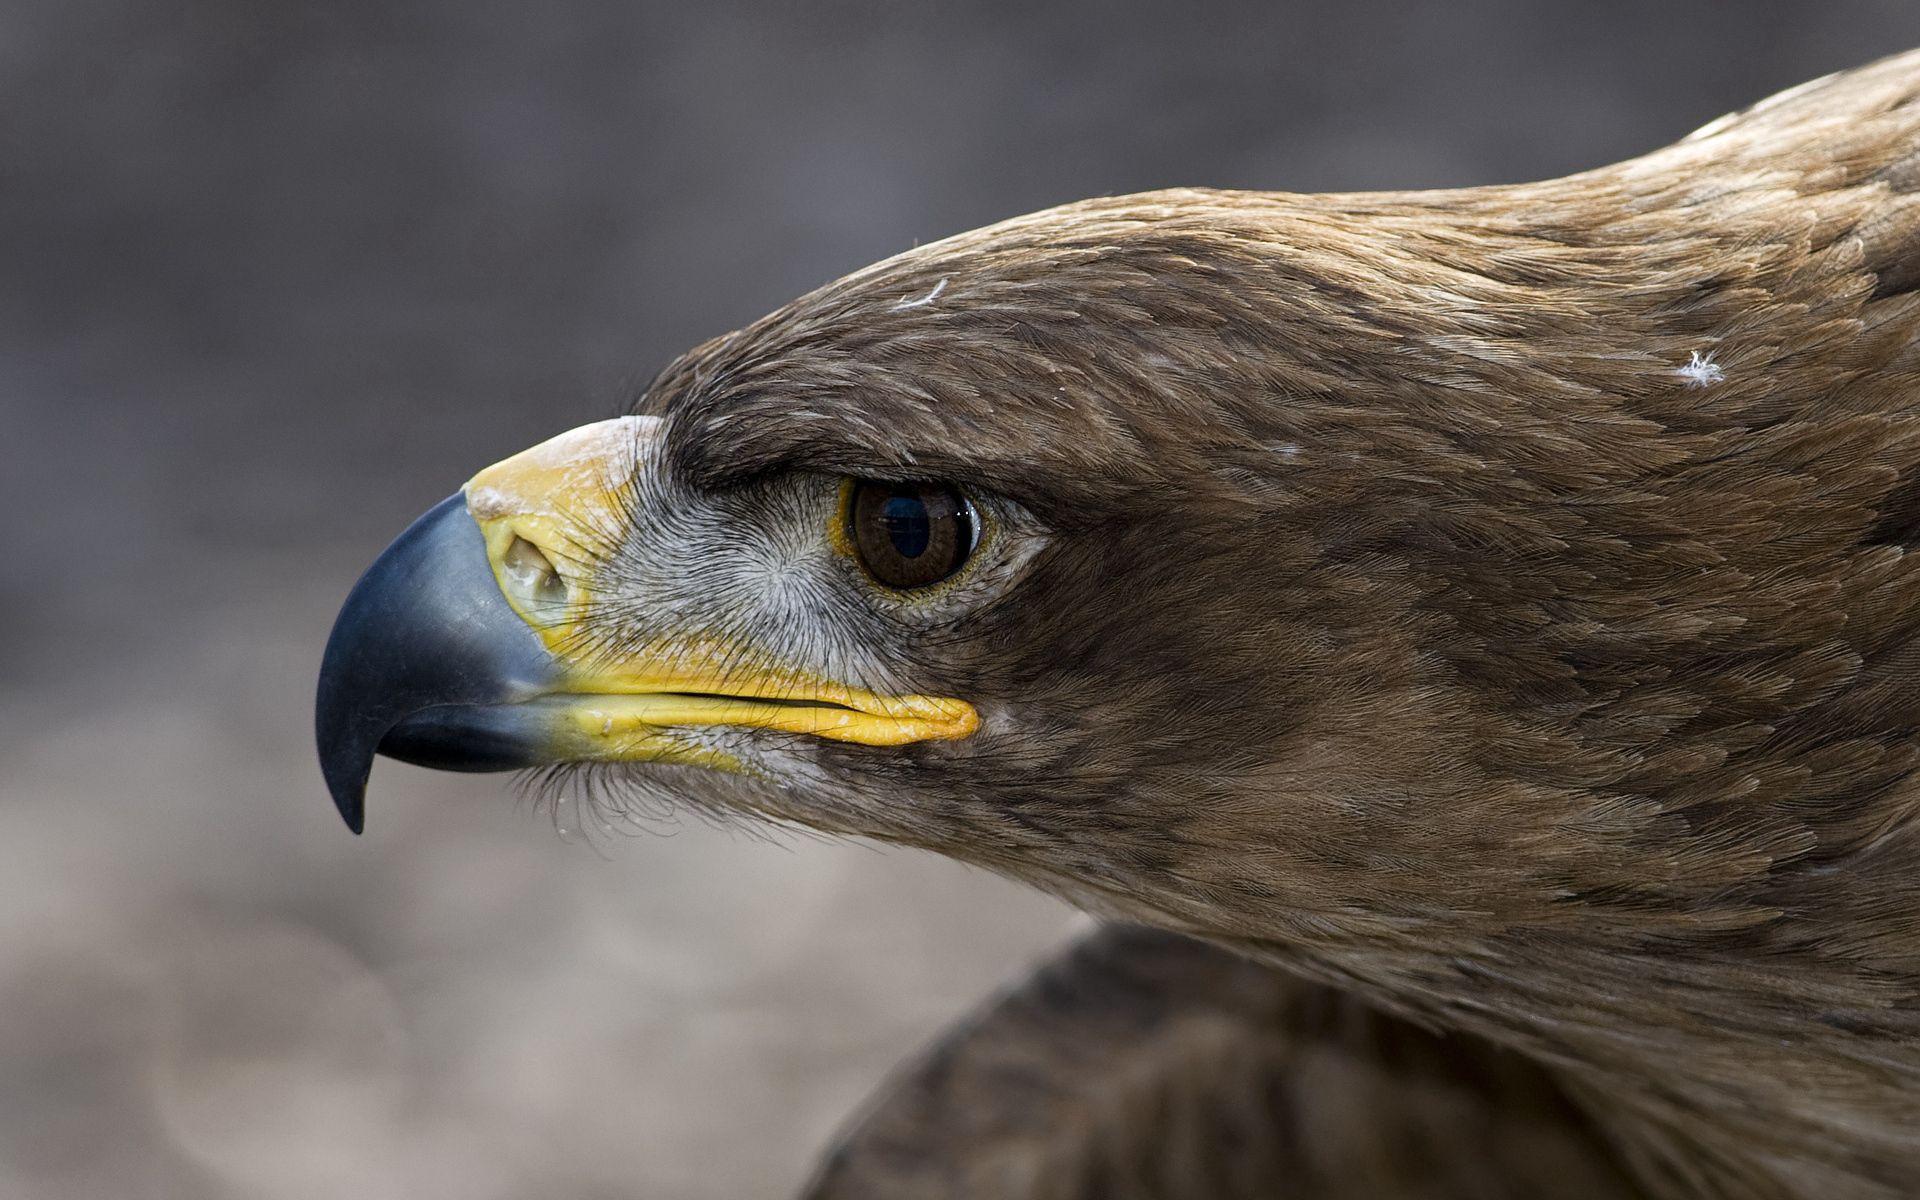 130169 скачать обои Животные, Птица, Макро, Орлан, Голова, Клюв, Профиль, Перья - заставки и картинки бесплатно